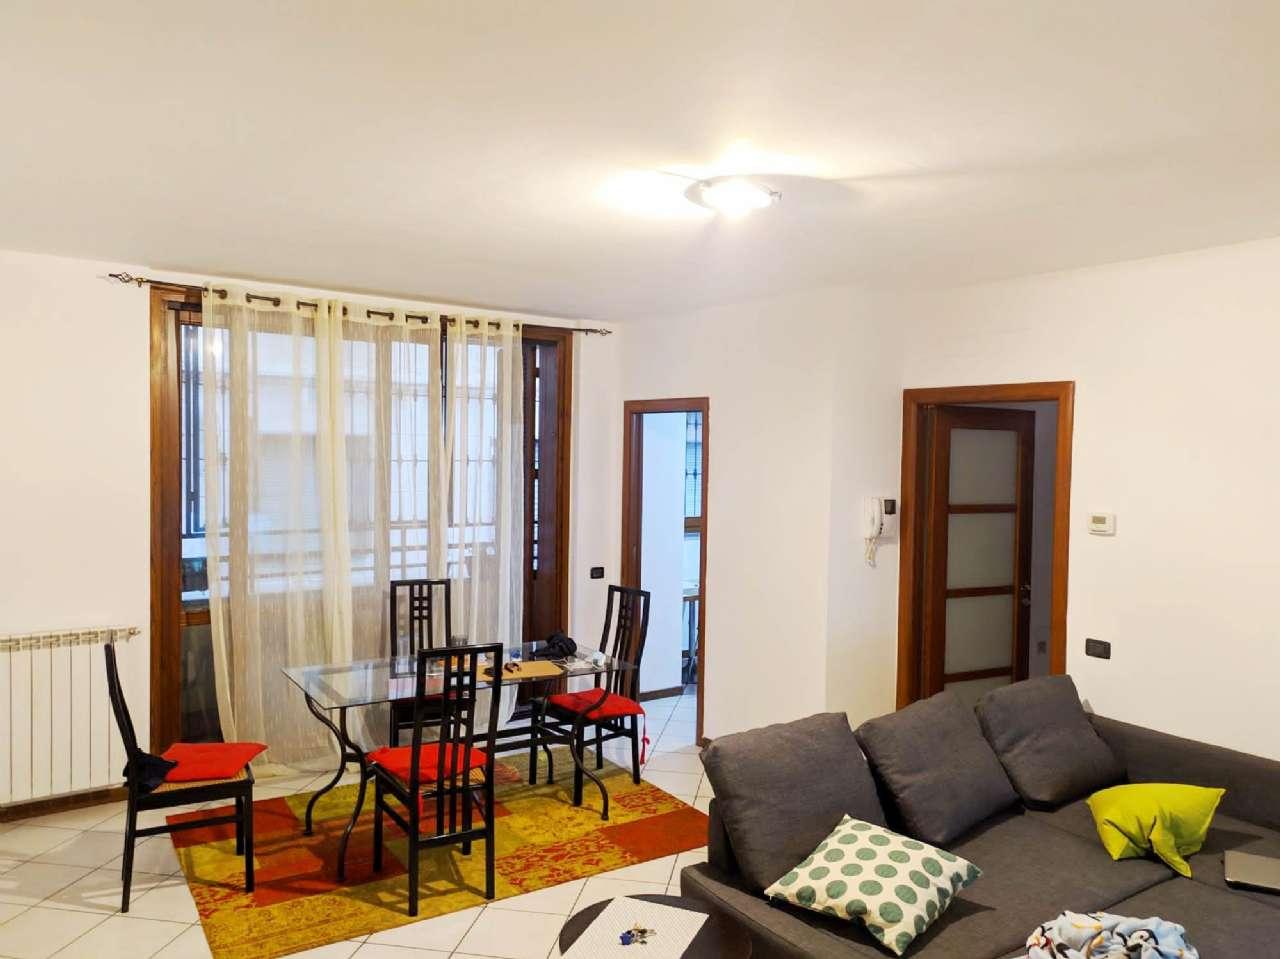 Appartamento in vendita a Lissone, 3 locali, prezzo € 134.000 | CambioCasa.it